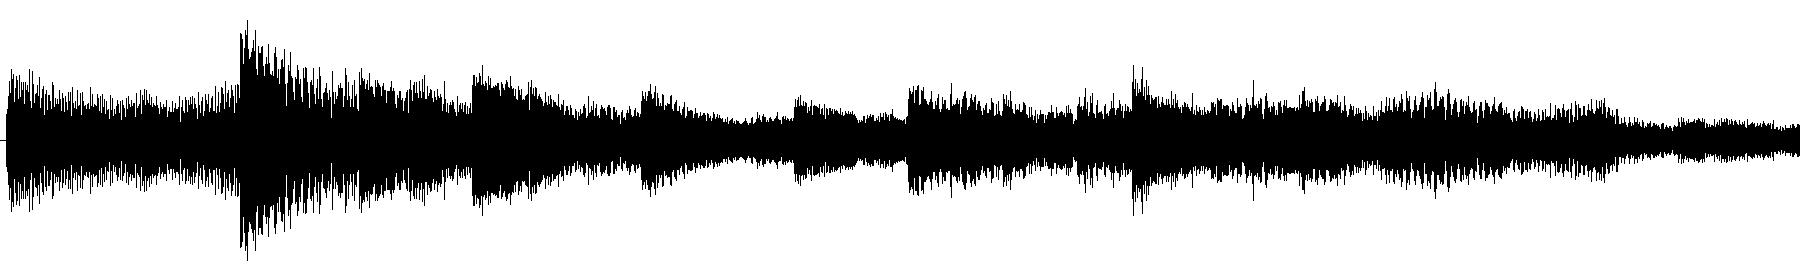 loop63125bpm